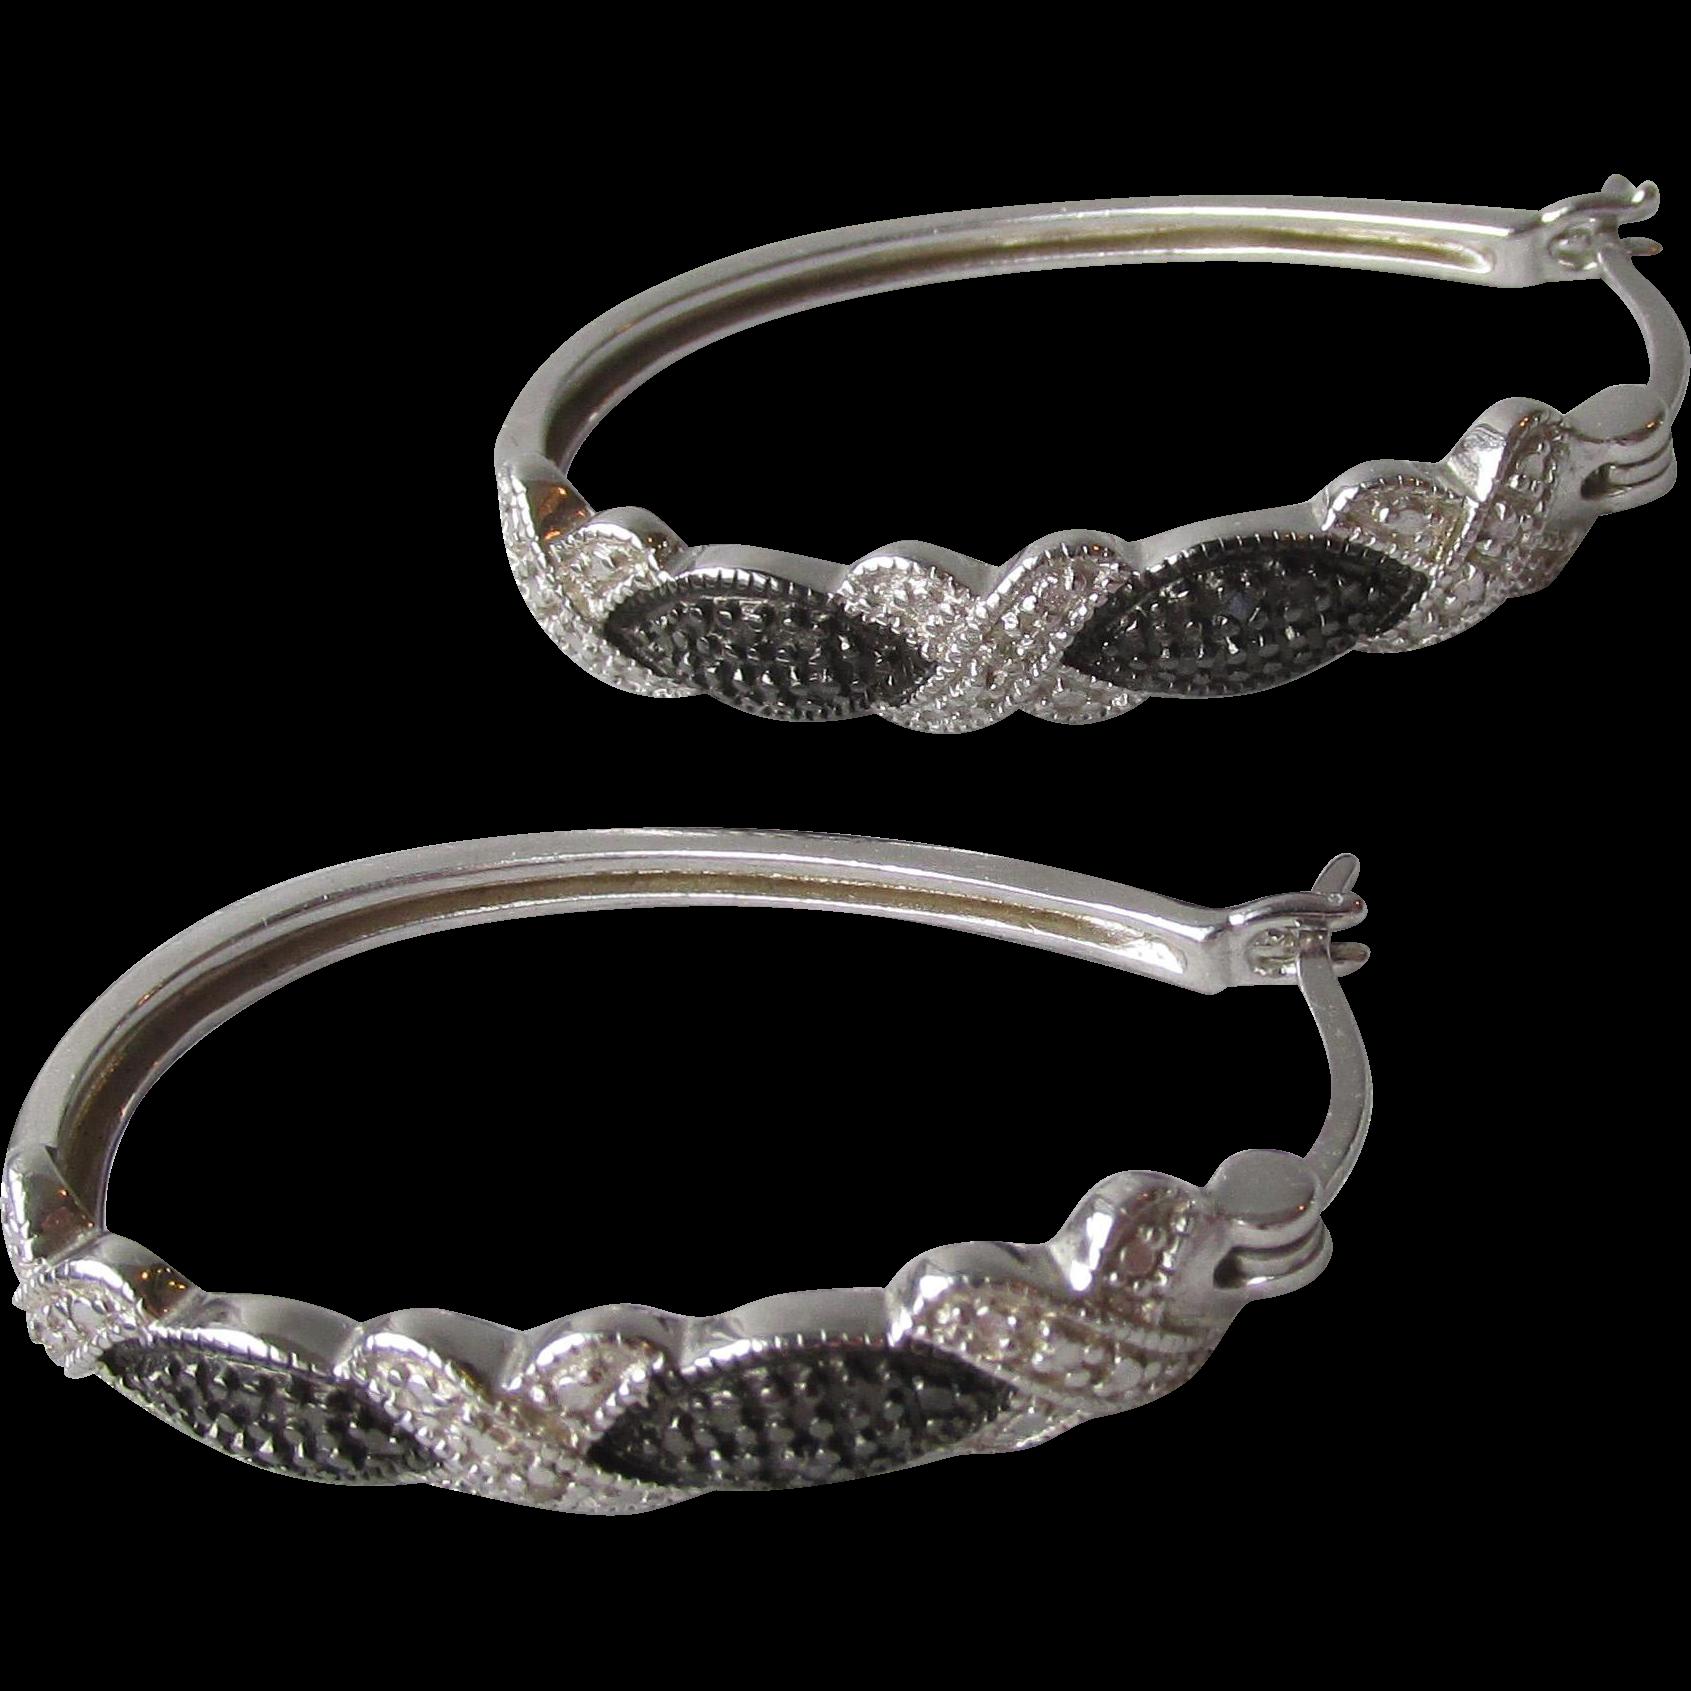 Textured Sterling Silver with Black Enamel Long Oval Vintage Hoop Earrings